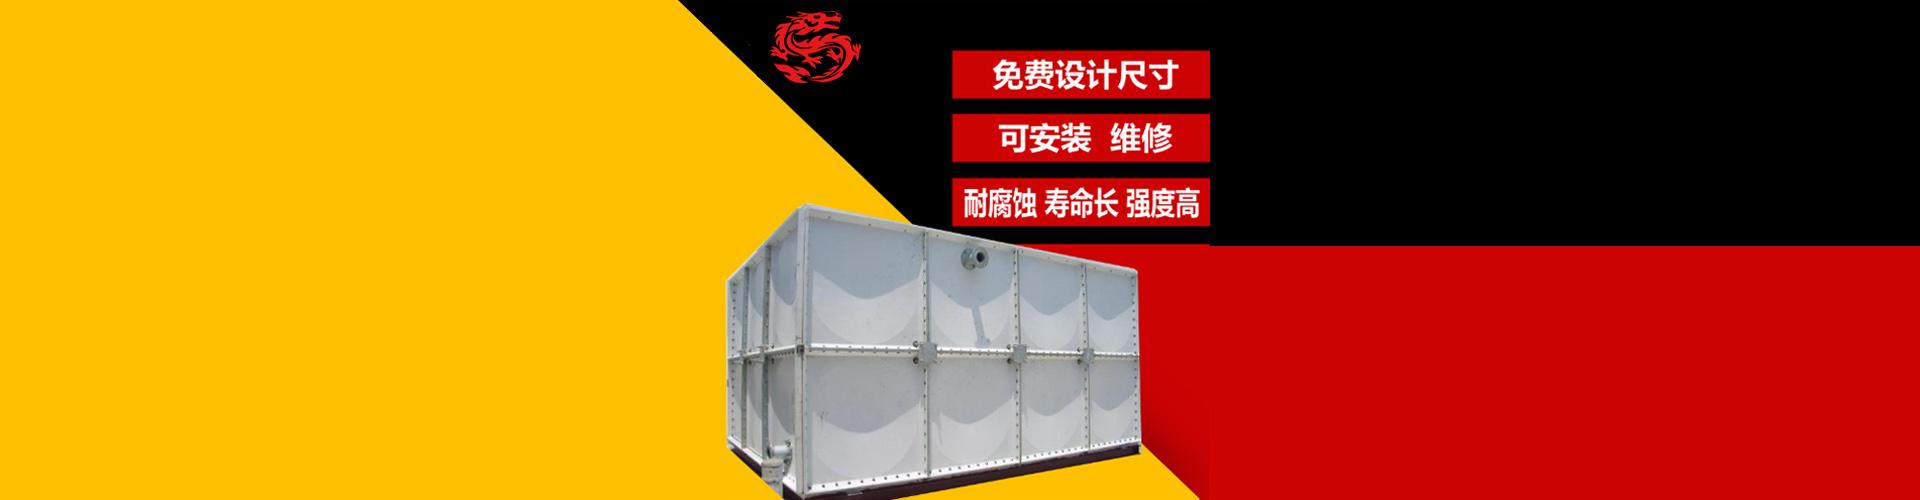 玻璃钢水箱轮播图2